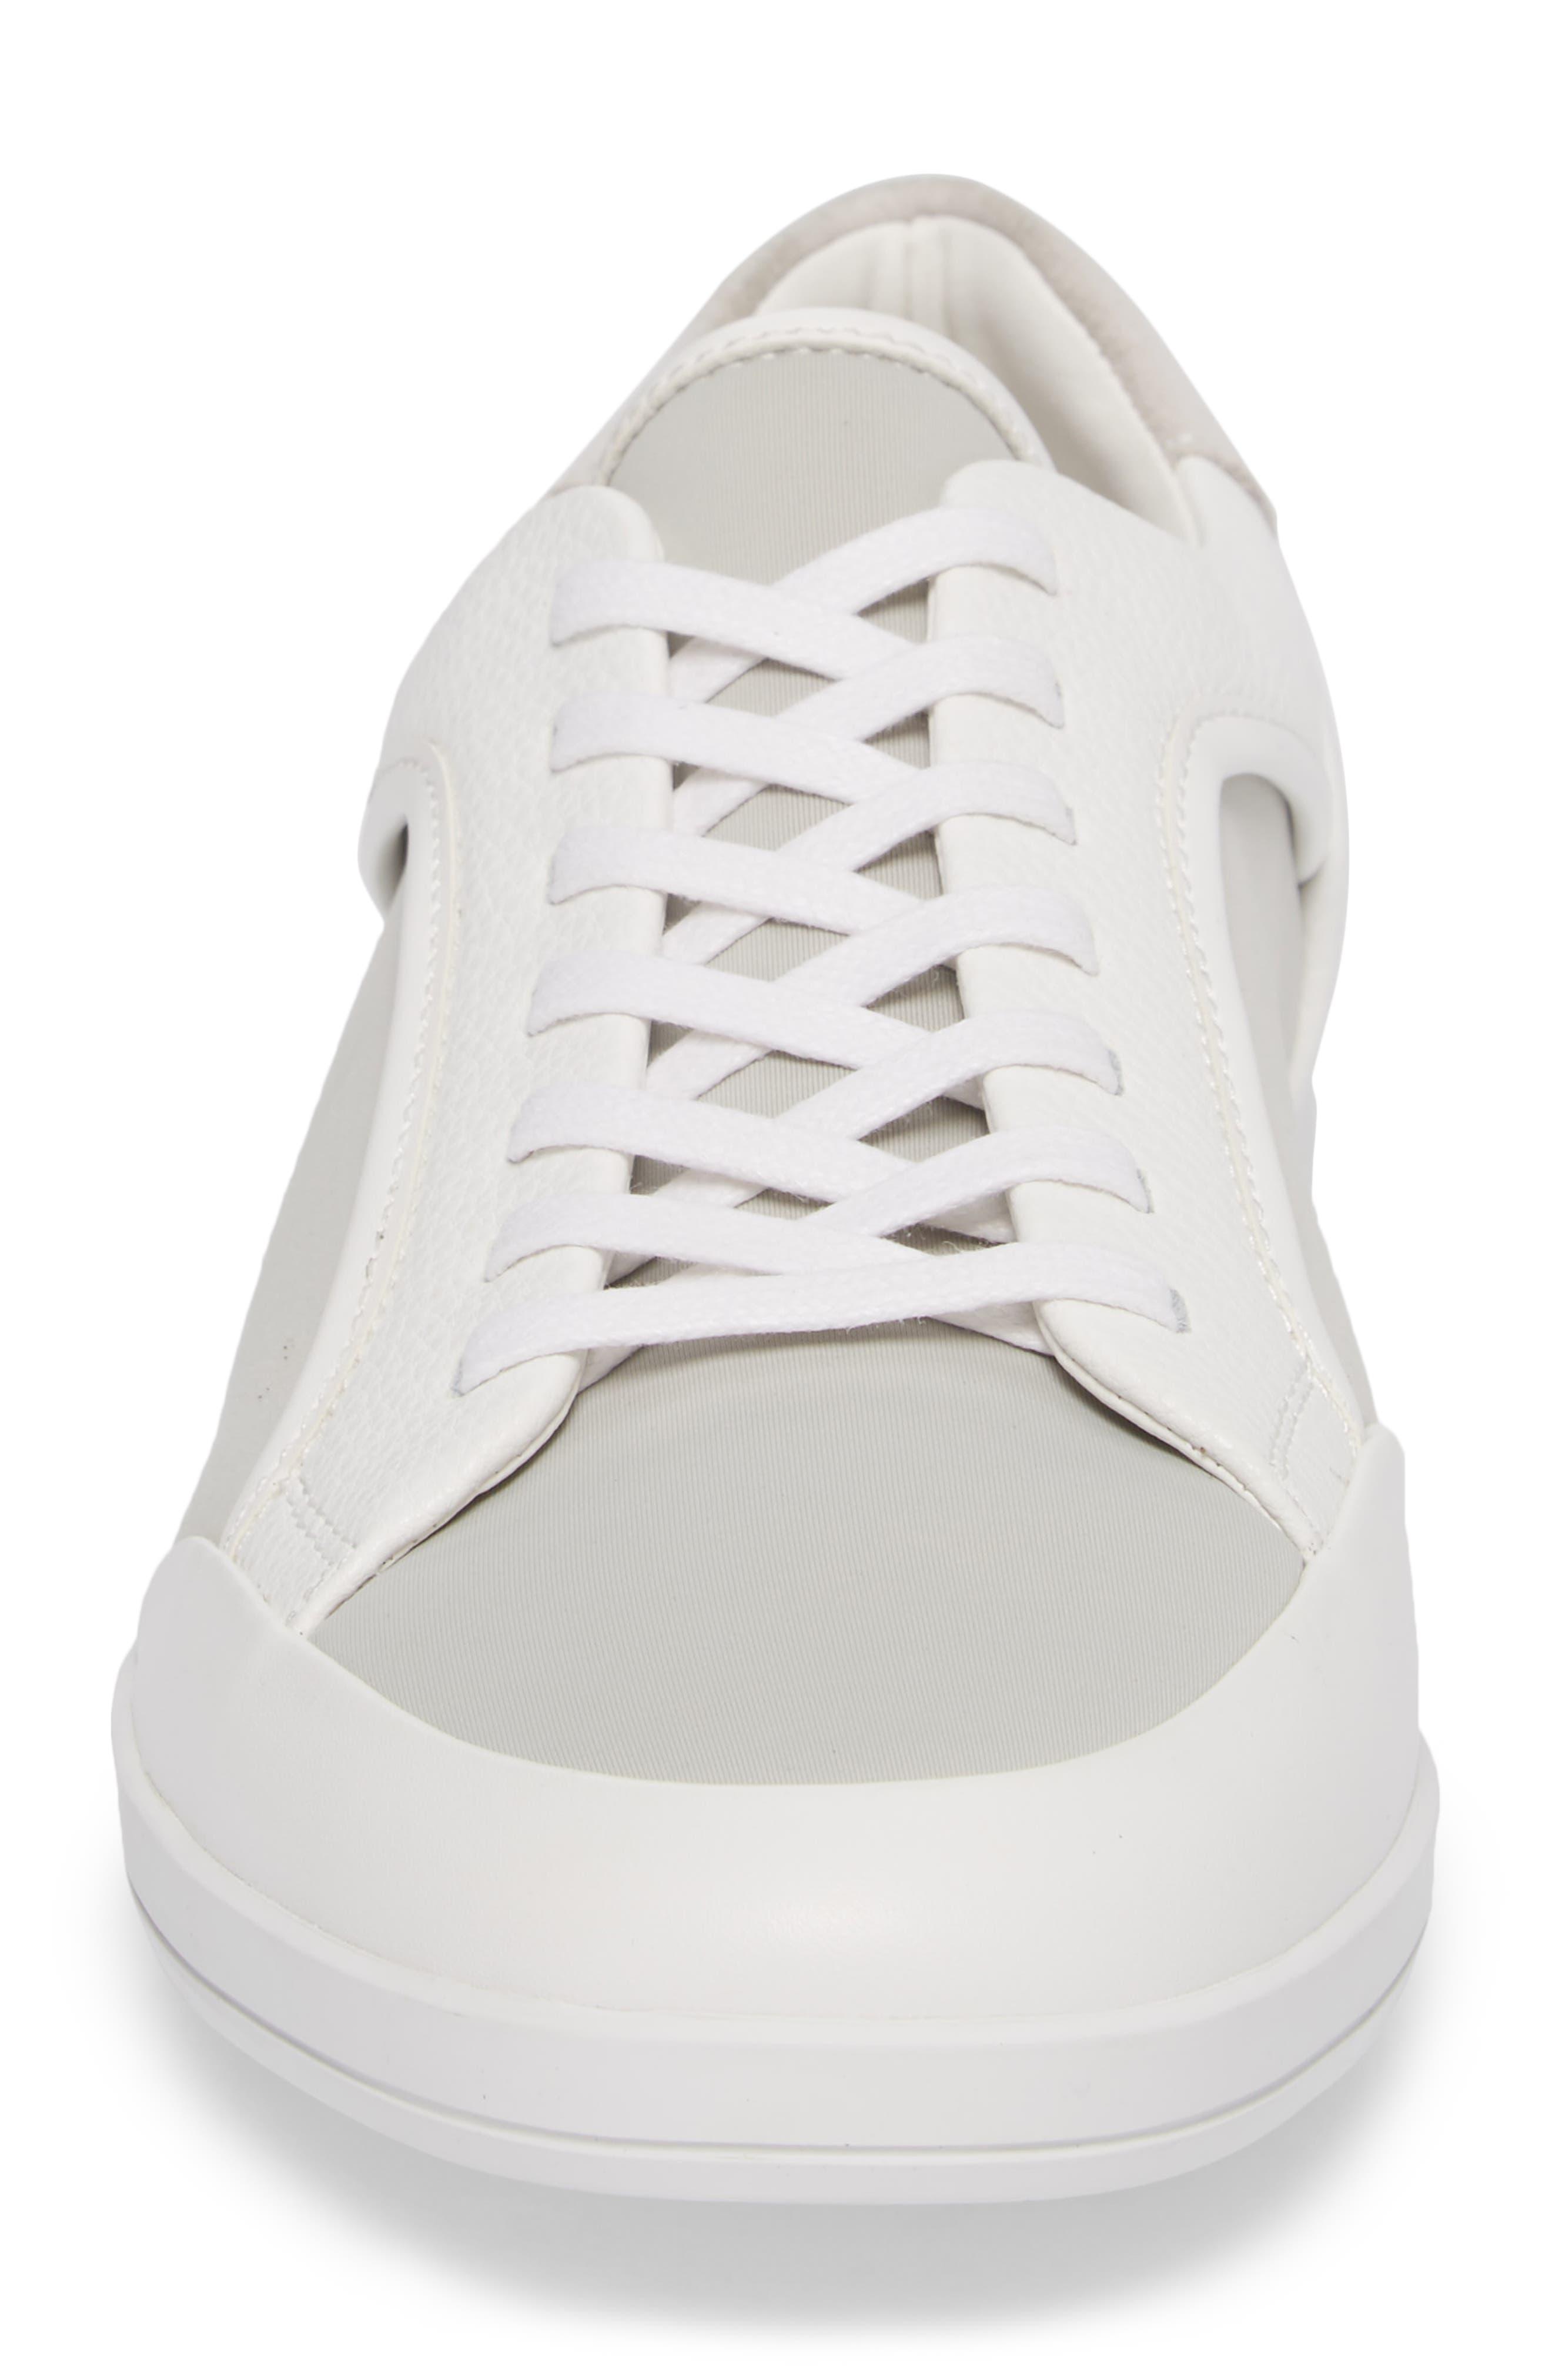 Masen Sneaker,                             Alternate thumbnail 18, color,